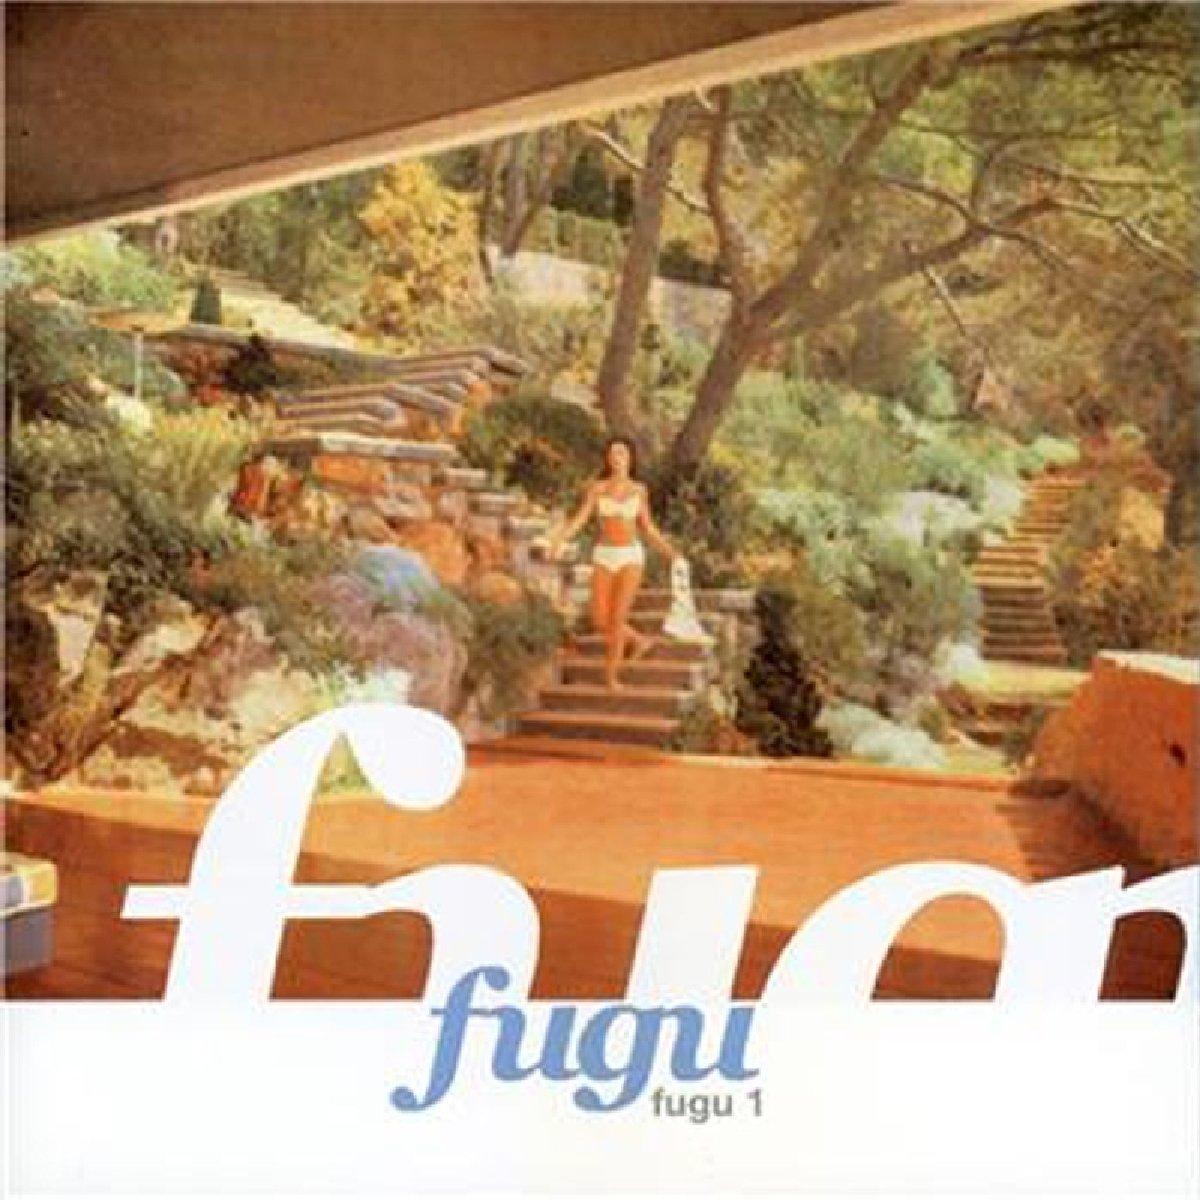 Fugu Branded goods Soldering 1